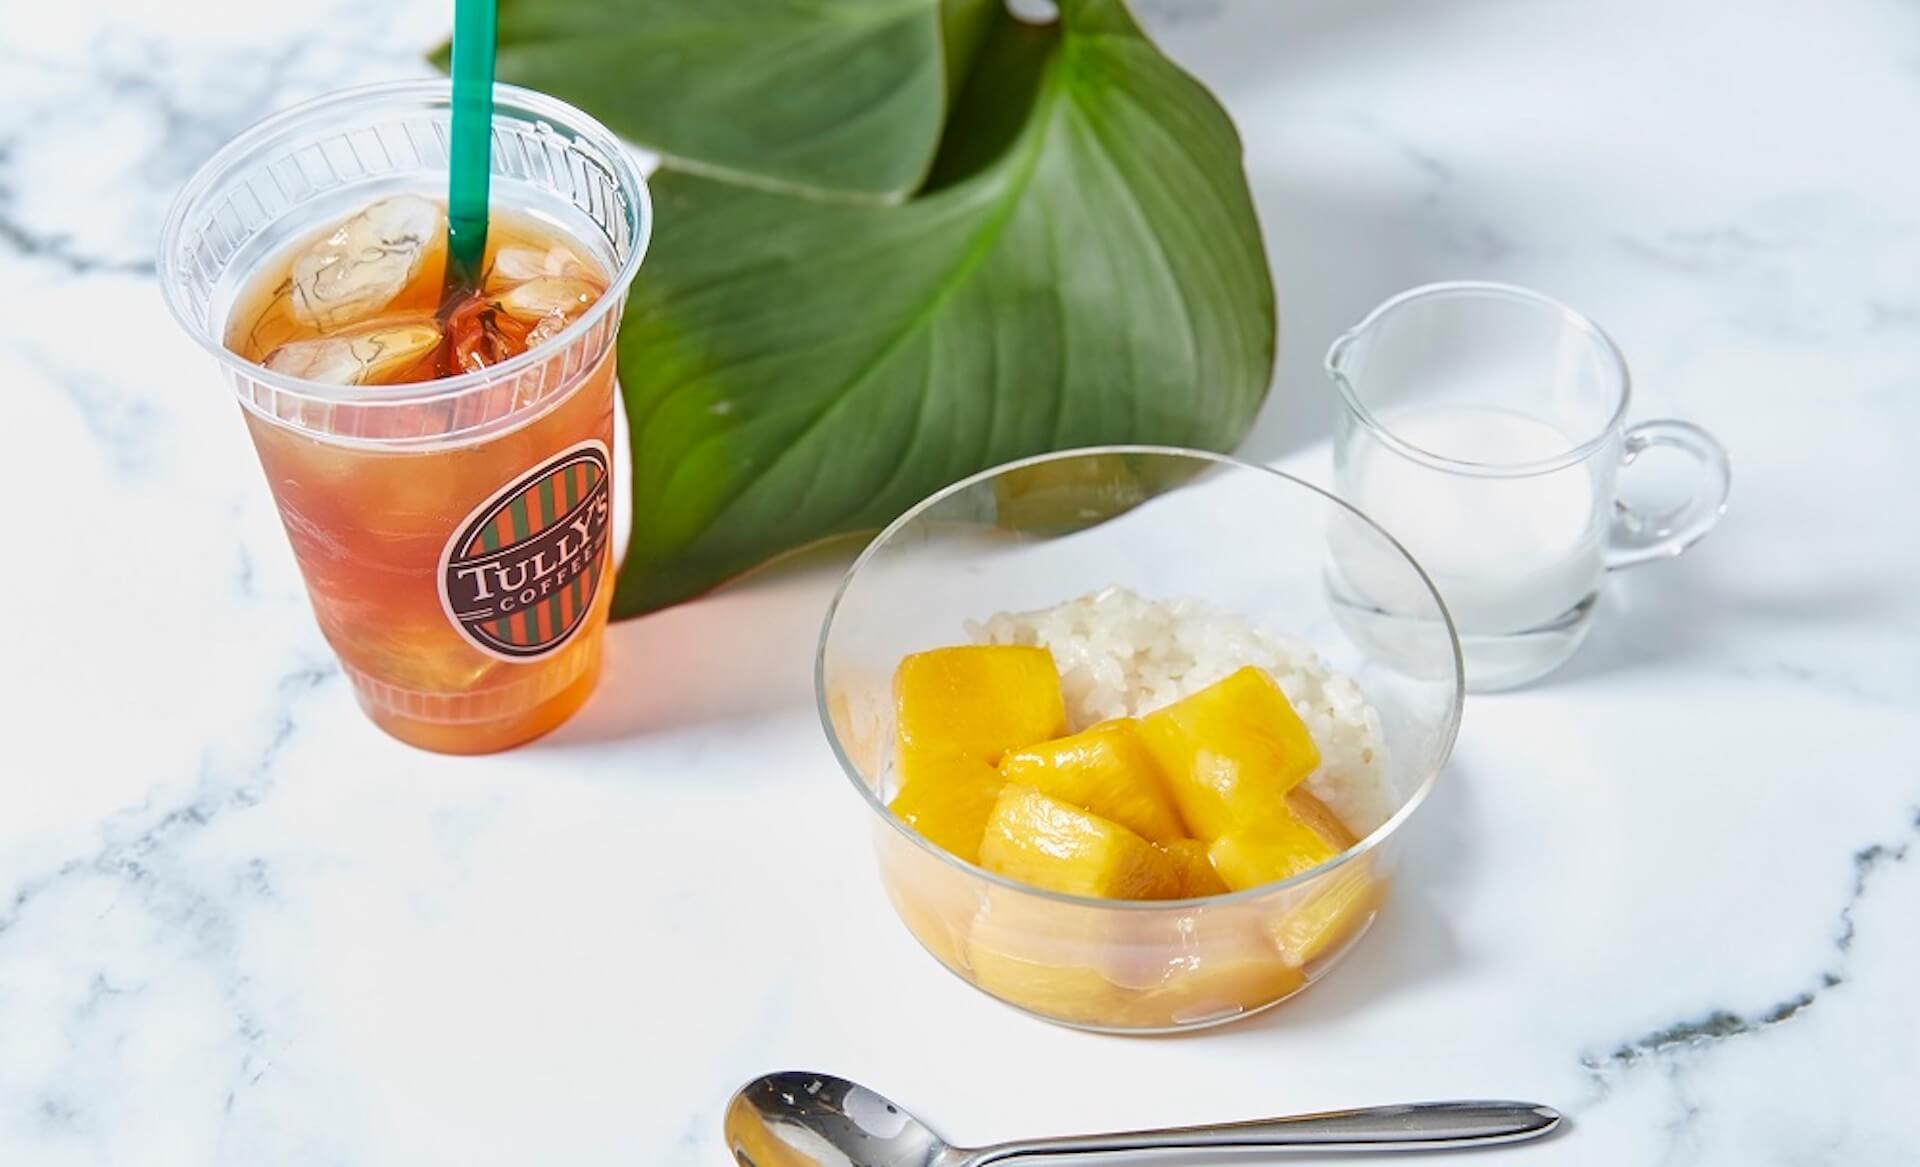 タリーズから夏の朝ごはんにおすすめ『マンゴースティッキーライス』が登場!タリーズカード3000円分が当たるキャンペーンも gourmet_tullys_mango_01